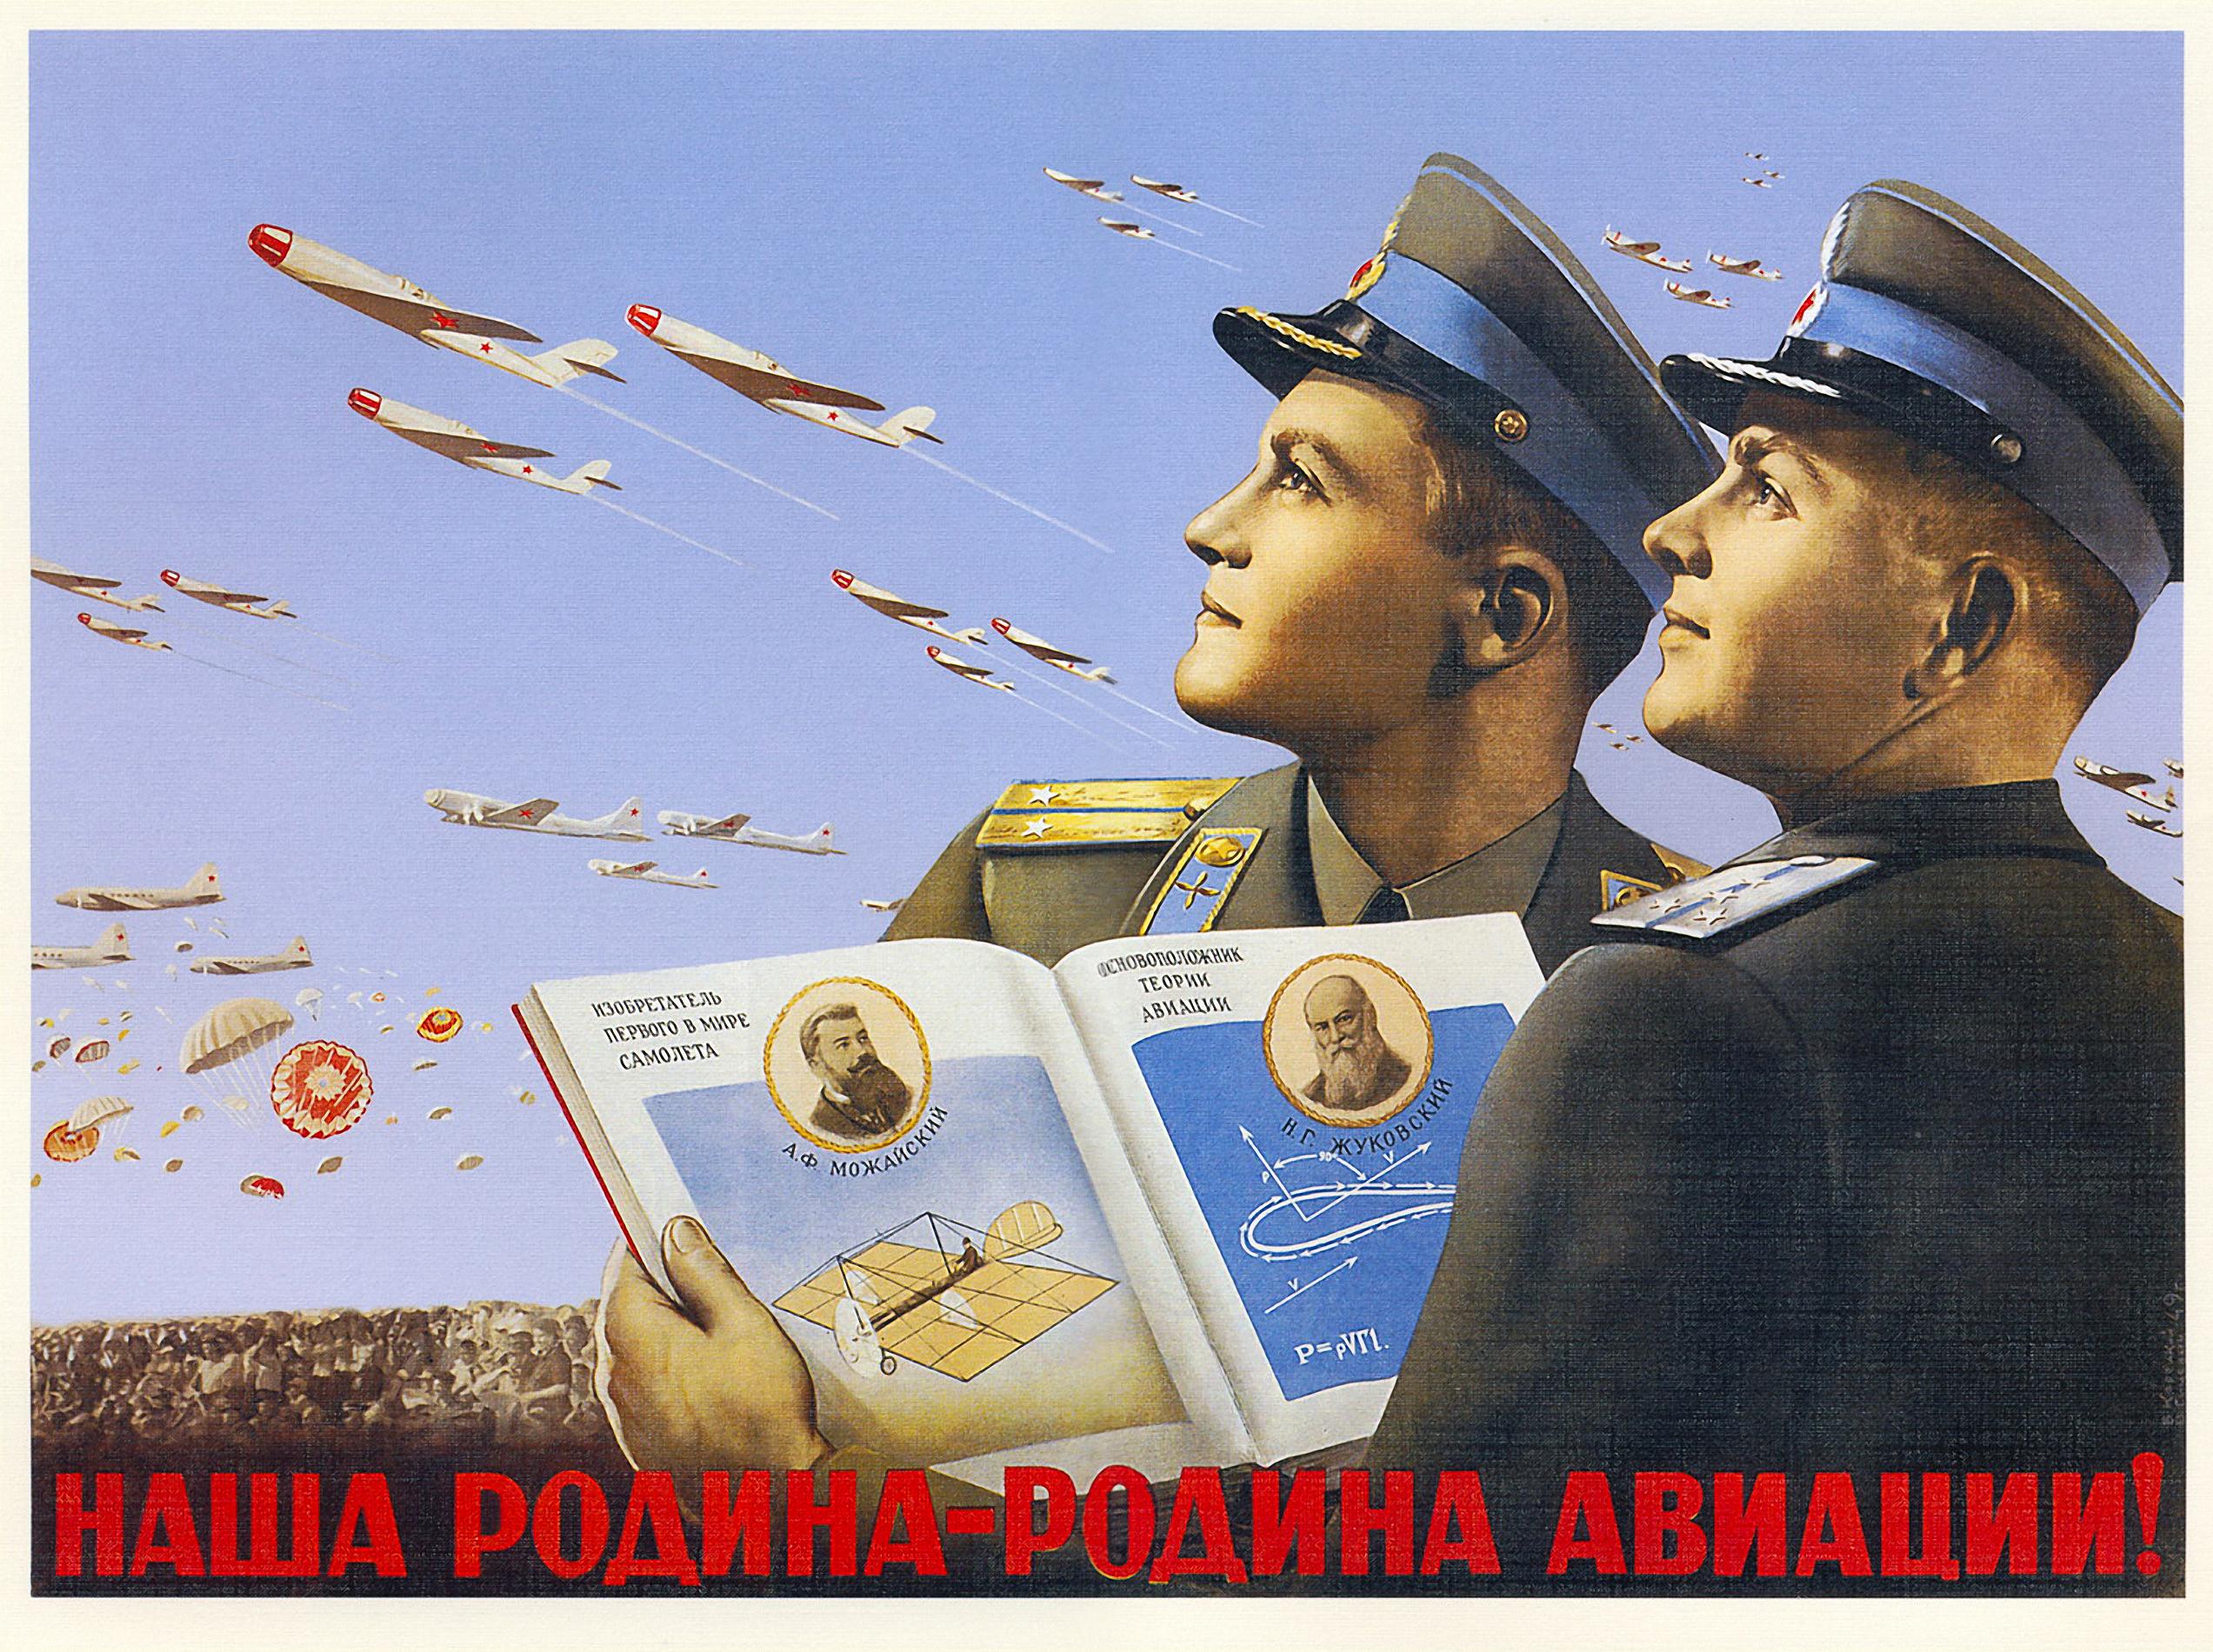 http://img-fotki.yandex.ru/get/4309/more7007.20/0_4f64a_e70bc4da_orig